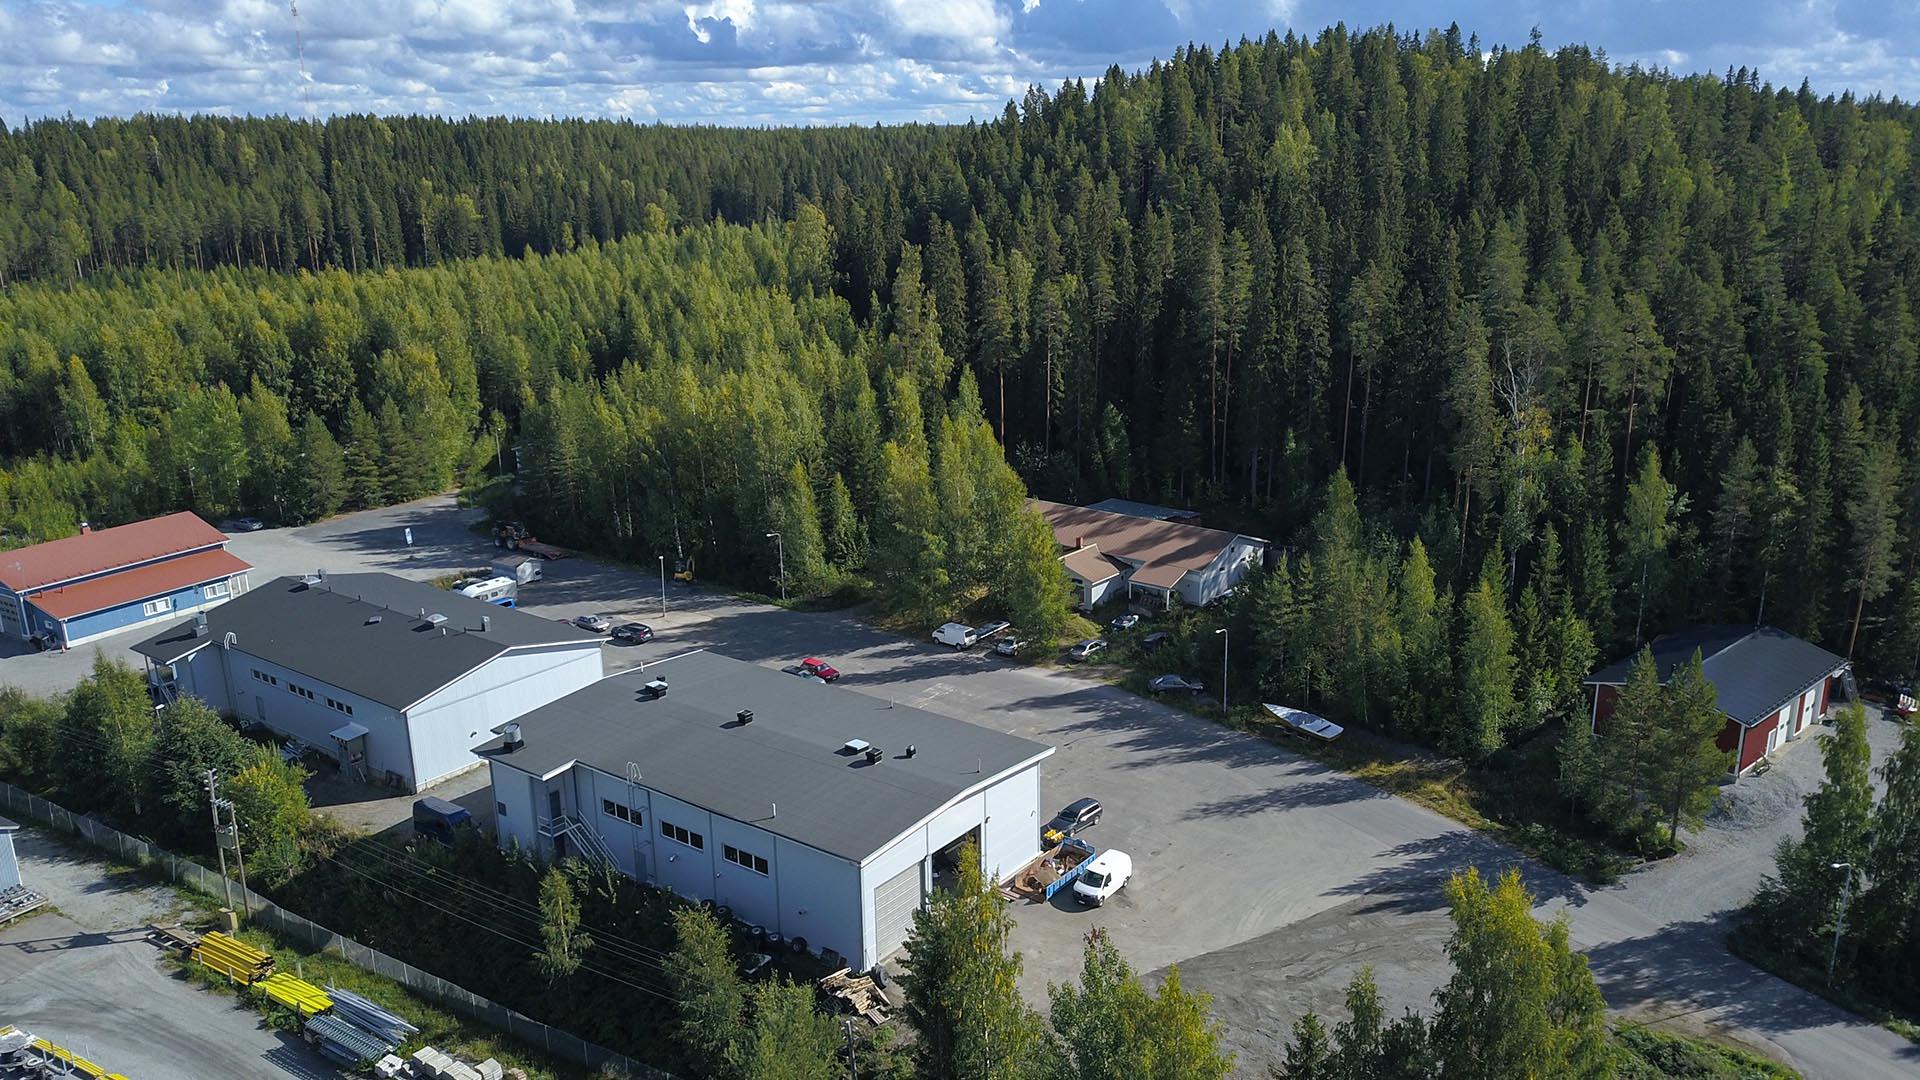 Ilmakuva tehdashallista. Pihassa on autoja ja ympärillä metsää.